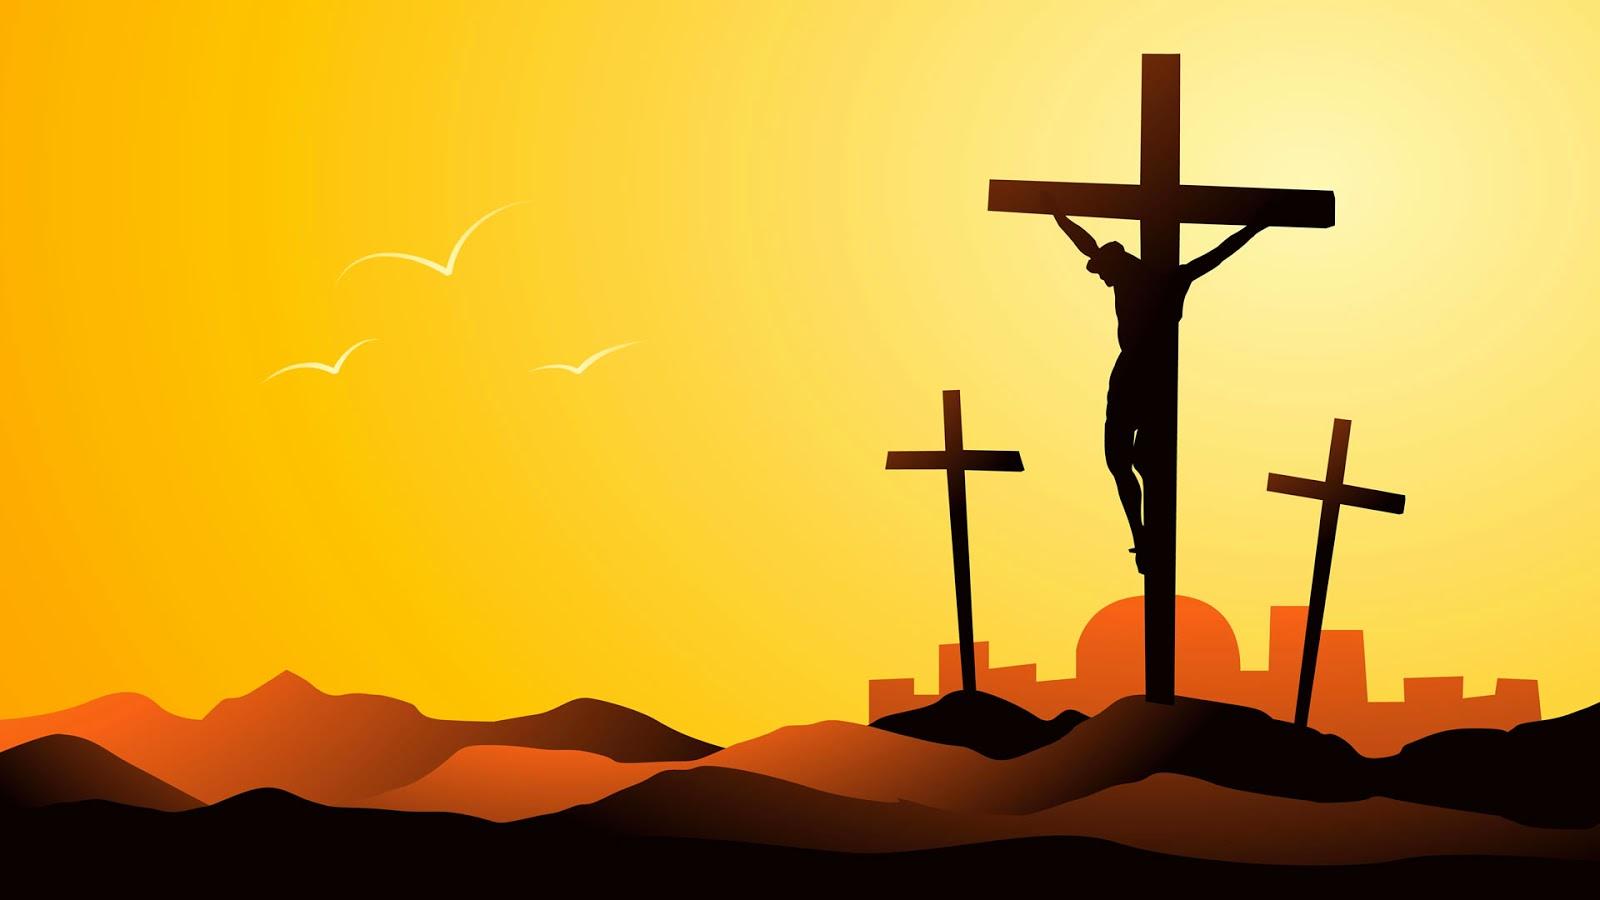 Kontroversi Penyaliban Yesus Nabi Isa Yang Terus Berubah Islami Sinar